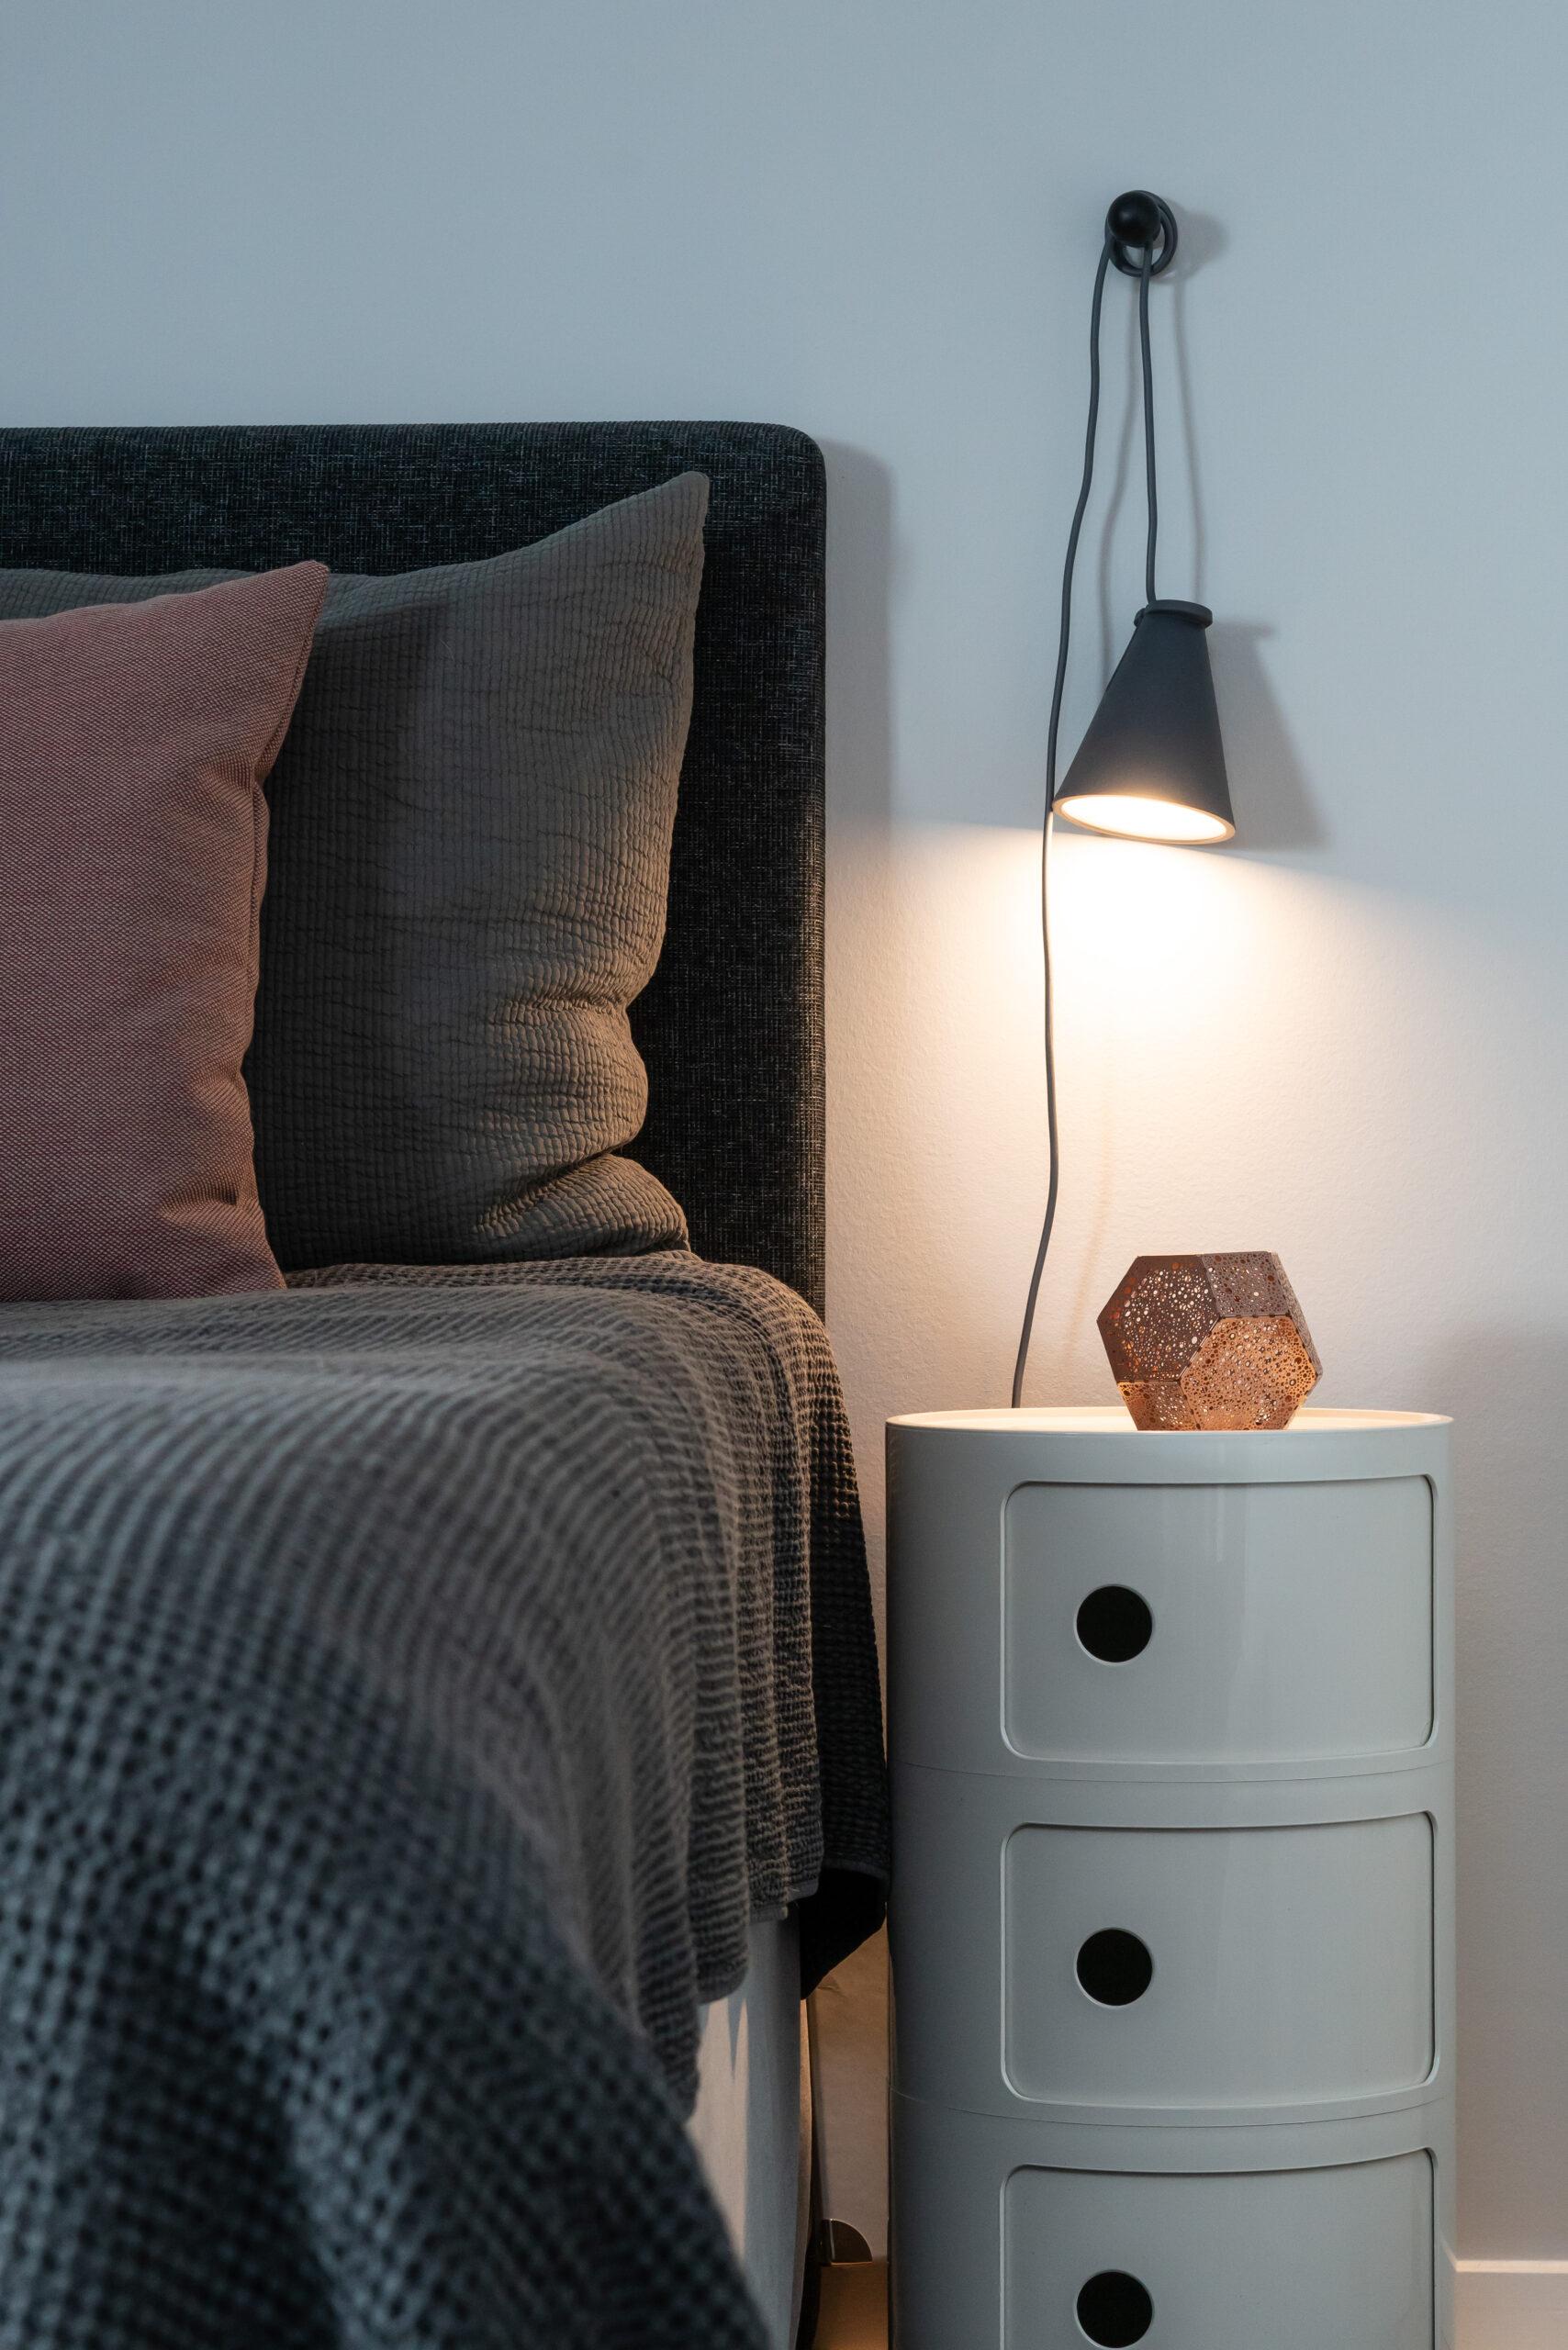 Varma textiler och finstämd belysning skapar trivsel och komfort.